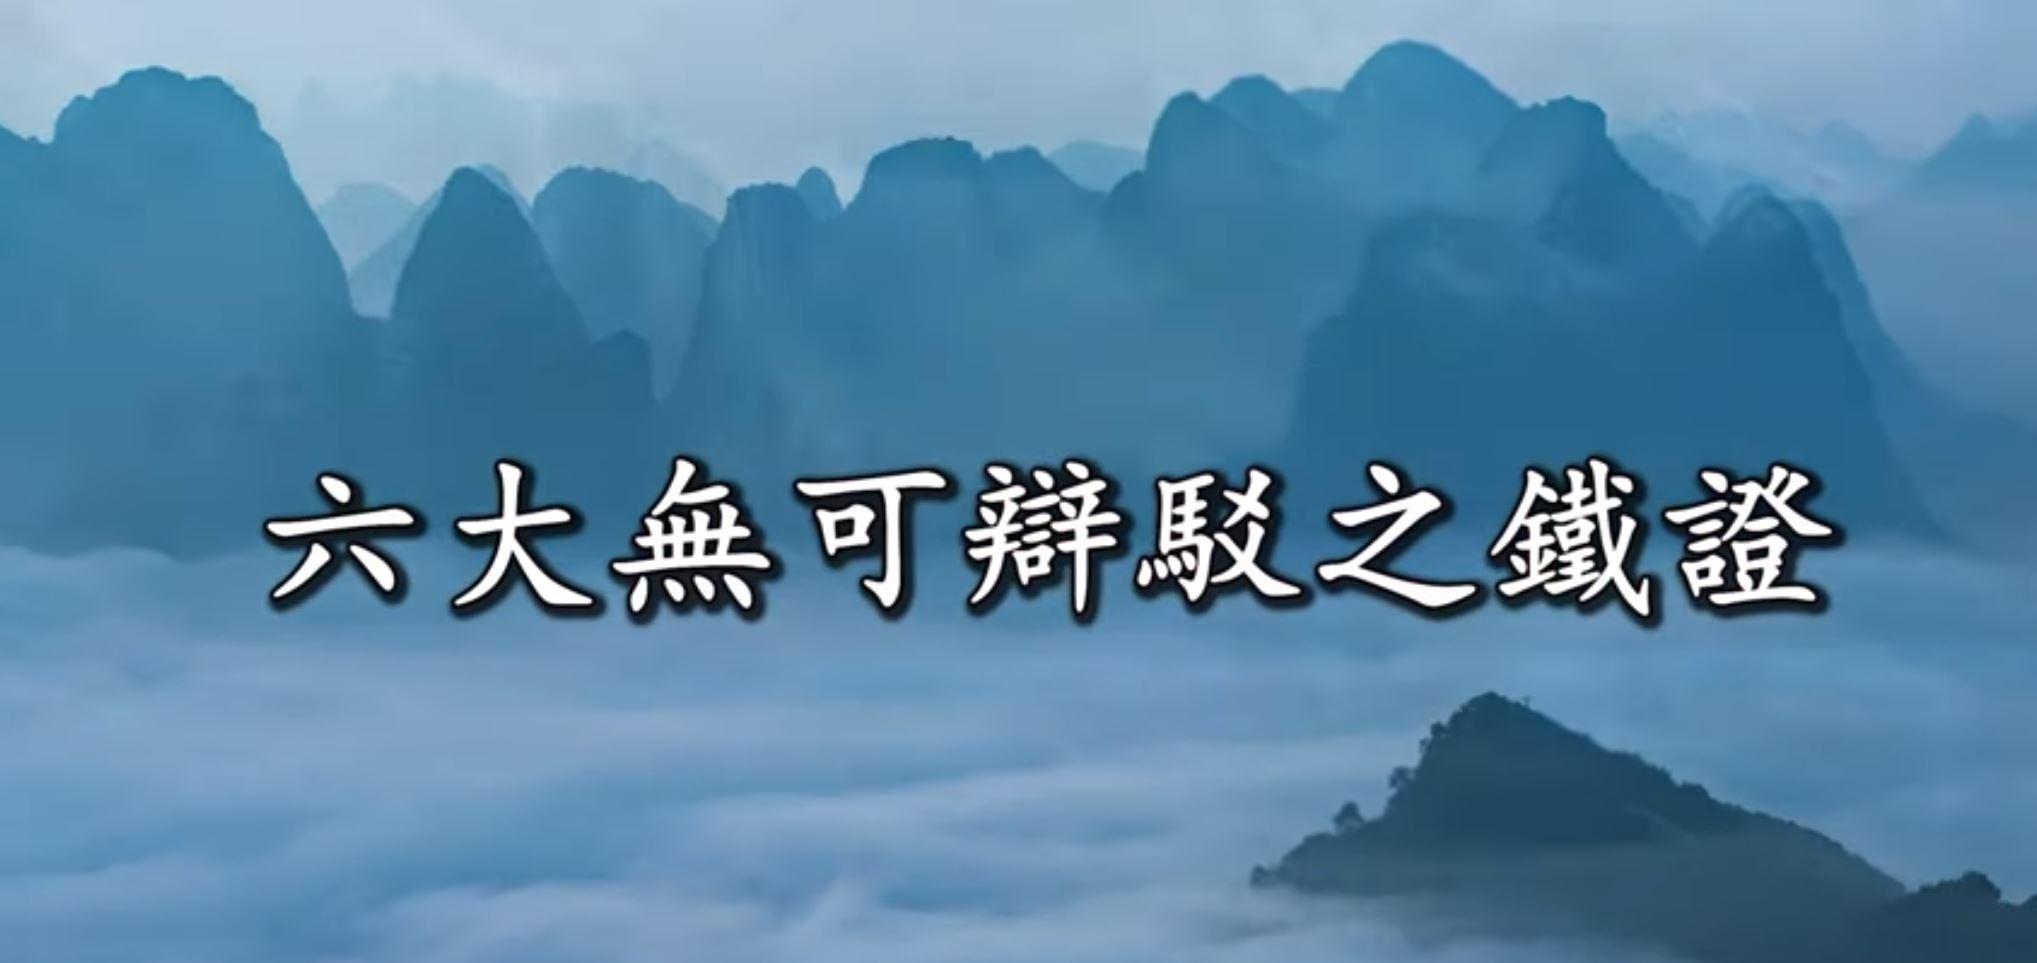 鐵證如山的佛陀